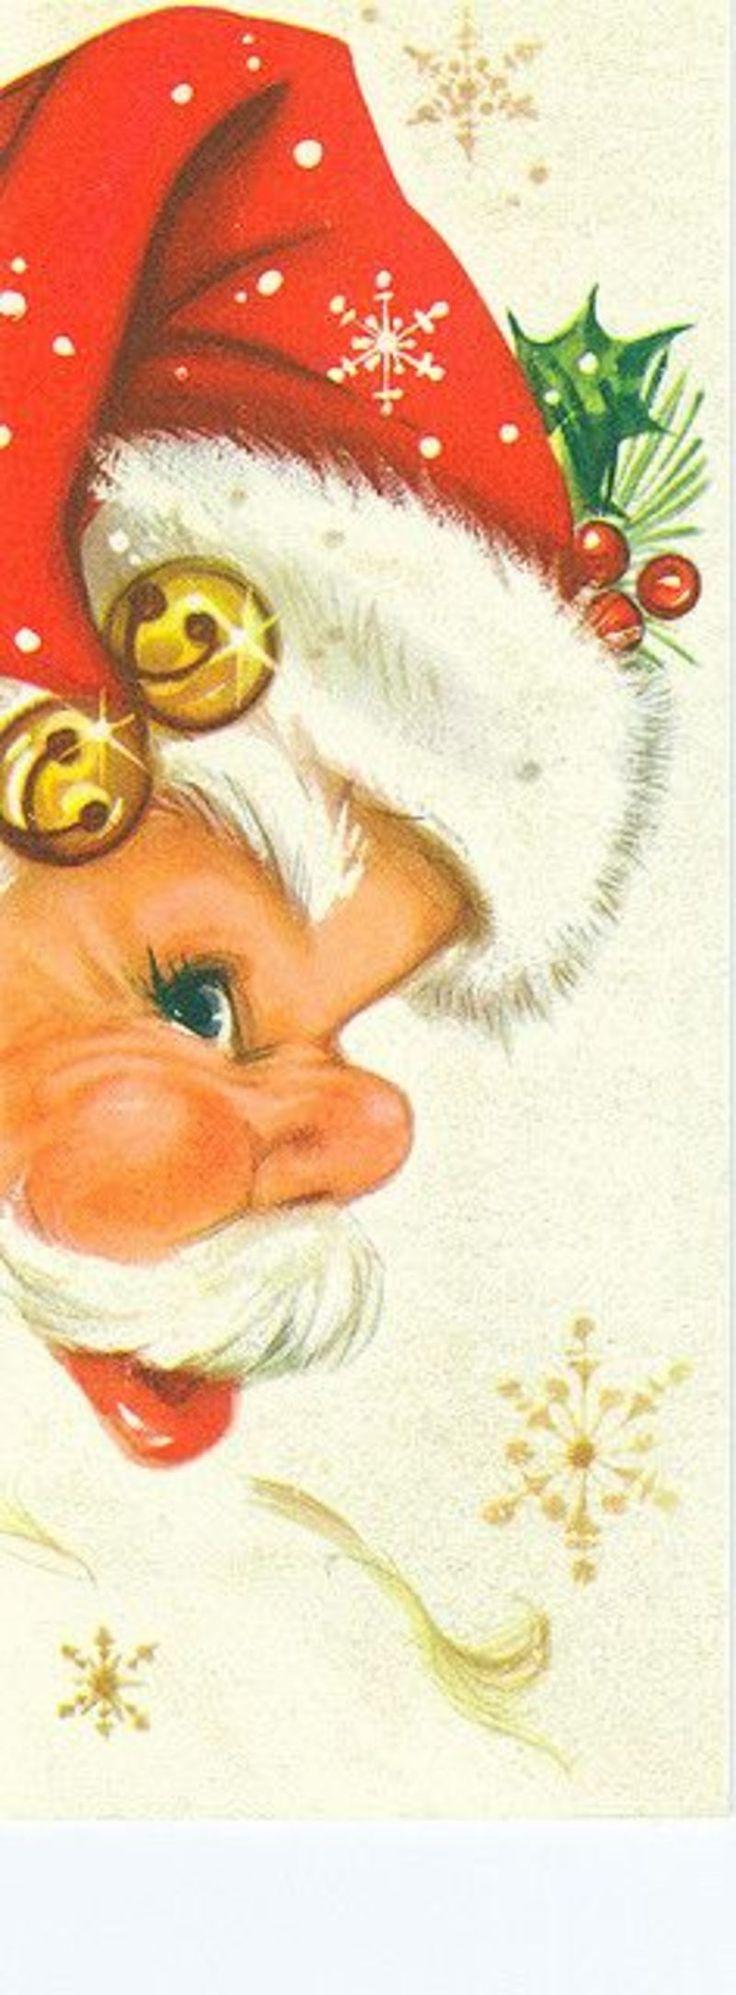 Santa de perfil.                                                                                                                                                                                 More